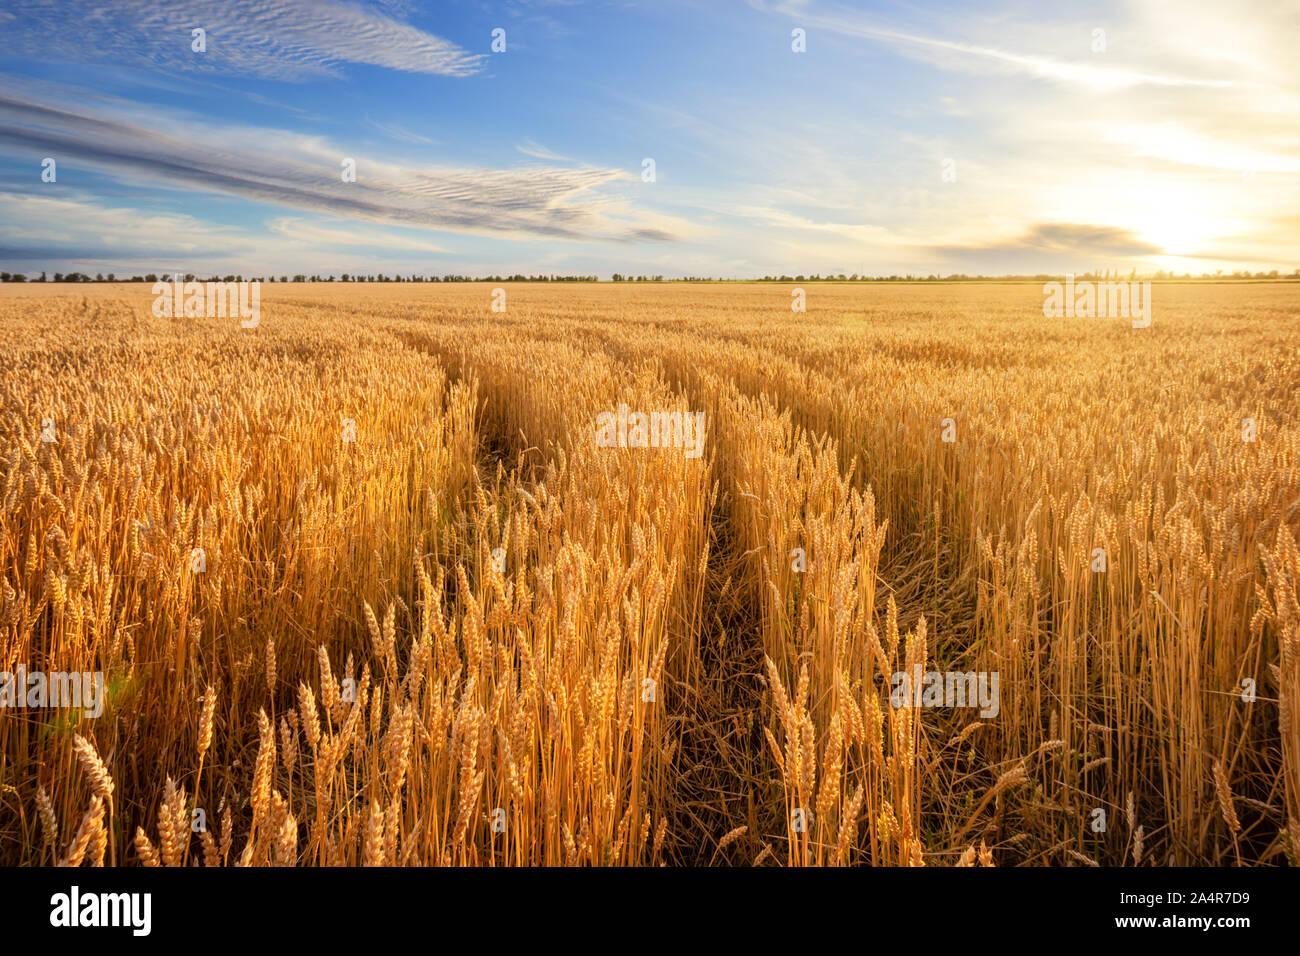 Entre la route des épis de blé d'or dans le champ sous ciel bleu. Paysage d'automne. Banque D'Images